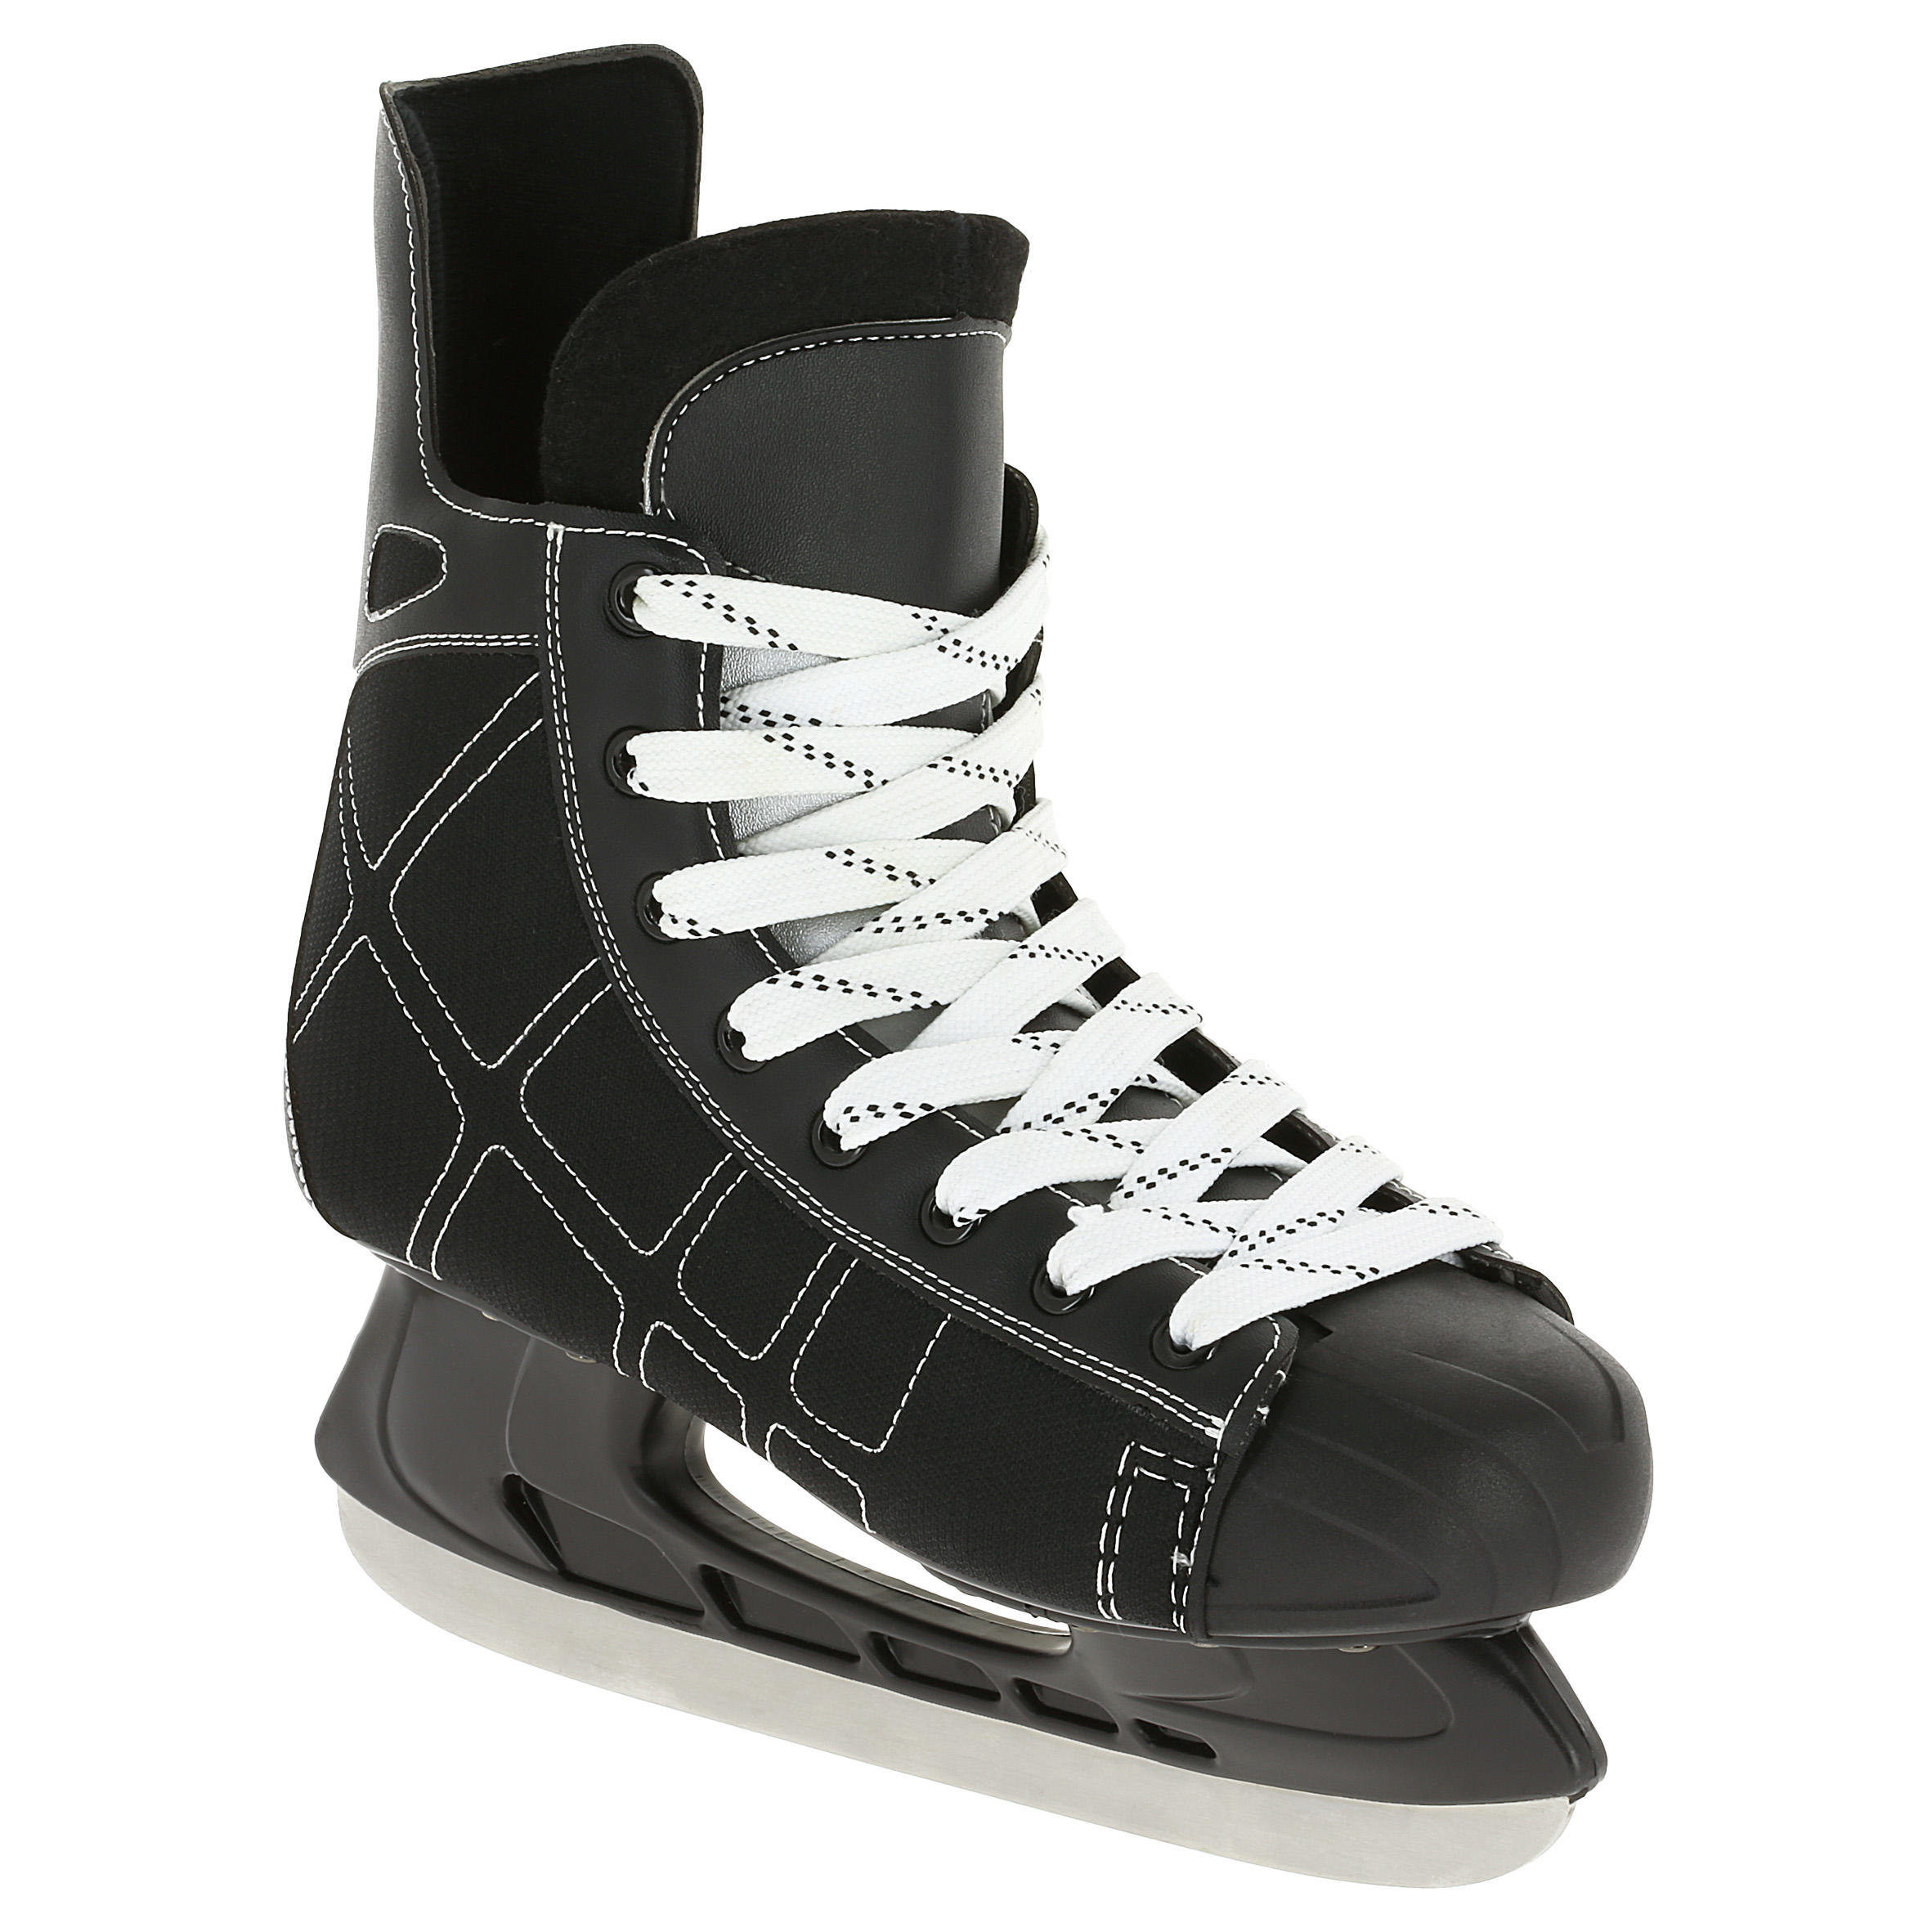 XLR Zero Junior Ice Hockey Skates - Black